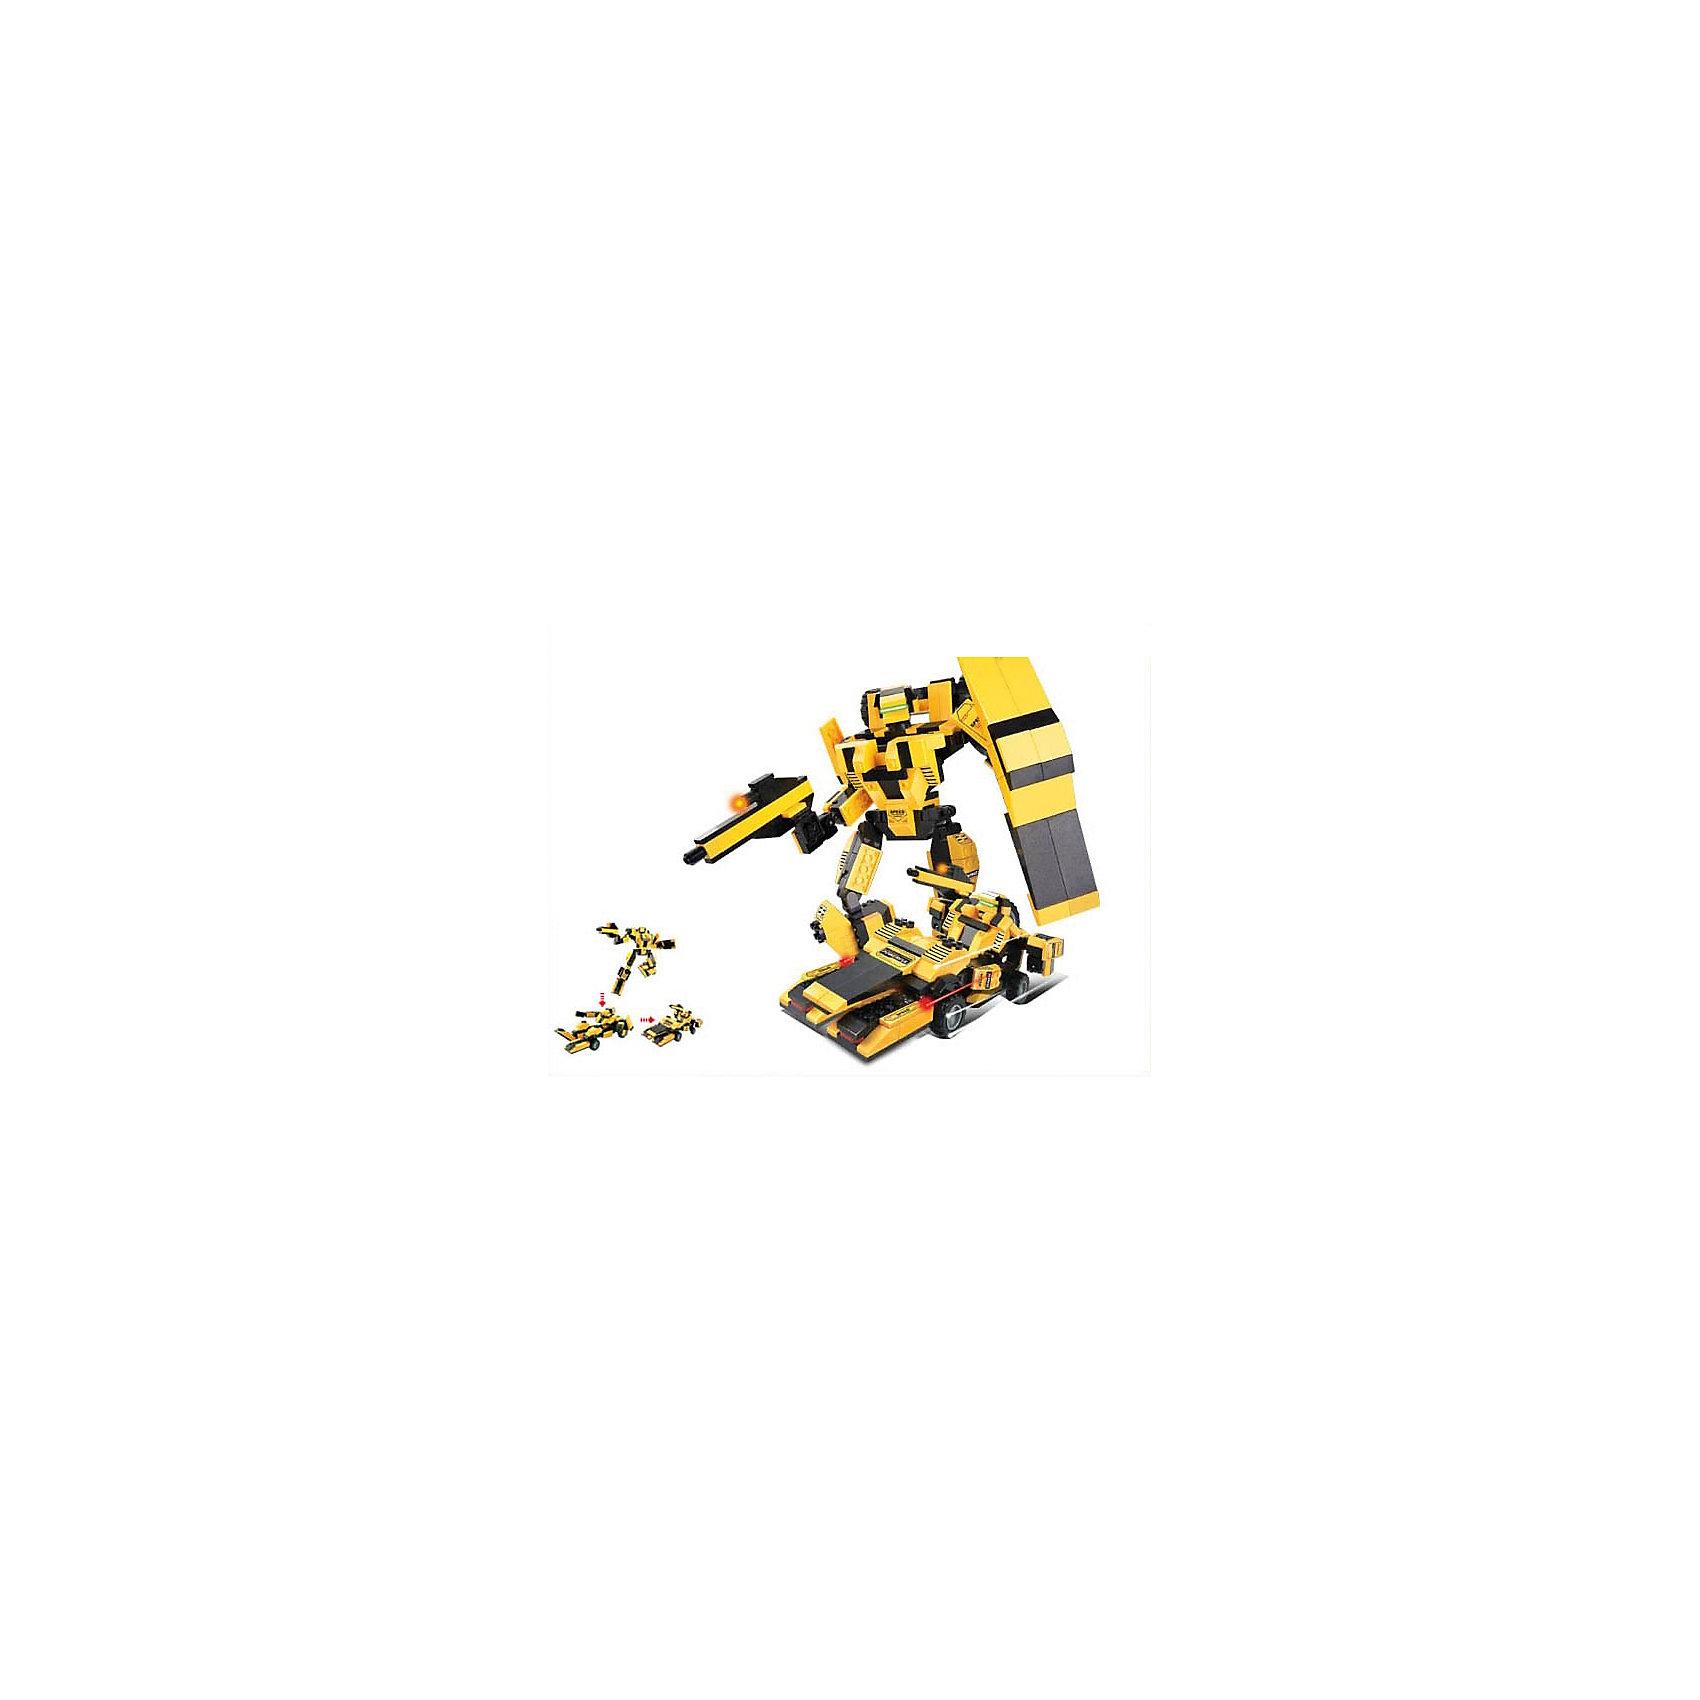 Конструктор Космический десант: Робот-трансформер Король дороги, 284 детали, SlubanПластмассовые конструкторы<br>Конструктор Космический десант: Робот-трансформер Король дороги, 284 детали, Sluban  (Слубан)<br><br>Характеристики:<br><br>• возраст: от 6 лет<br>• робот трансформируется в машину<br>• подвижные колеса<br>• количество деталей: 284<br>• материал: пластик<br>• размер упаковки: 5,4х28,5х28,5 см<br>• вес: 680 грамм<br><br>Король дороги - робот-трансформер, которого ребенок сможет собрать из деталей конструктора Sluban. Устрашающий робот легко трансформируется в автомобиль с подвижными колесами. С этим роботом можно придумать множество увлекательных и захватывающих приключений!<br><br>Конструктор Космический десант: Робот-трансформер Король дороги, 284 детали, Sluban (Слубан)  вы можете купить в нашем интернет-магазине.<br><br>Ширина мм: 285<br>Глубина мм: 285<br>Высота мм: 54<br>Вес г: 680<br>Возраст от месяцев: 72<br>Возраст до месяцев: 2147483647<br>Пол: Мужской<br>Возраст: Детский<br>SKU: 5453695